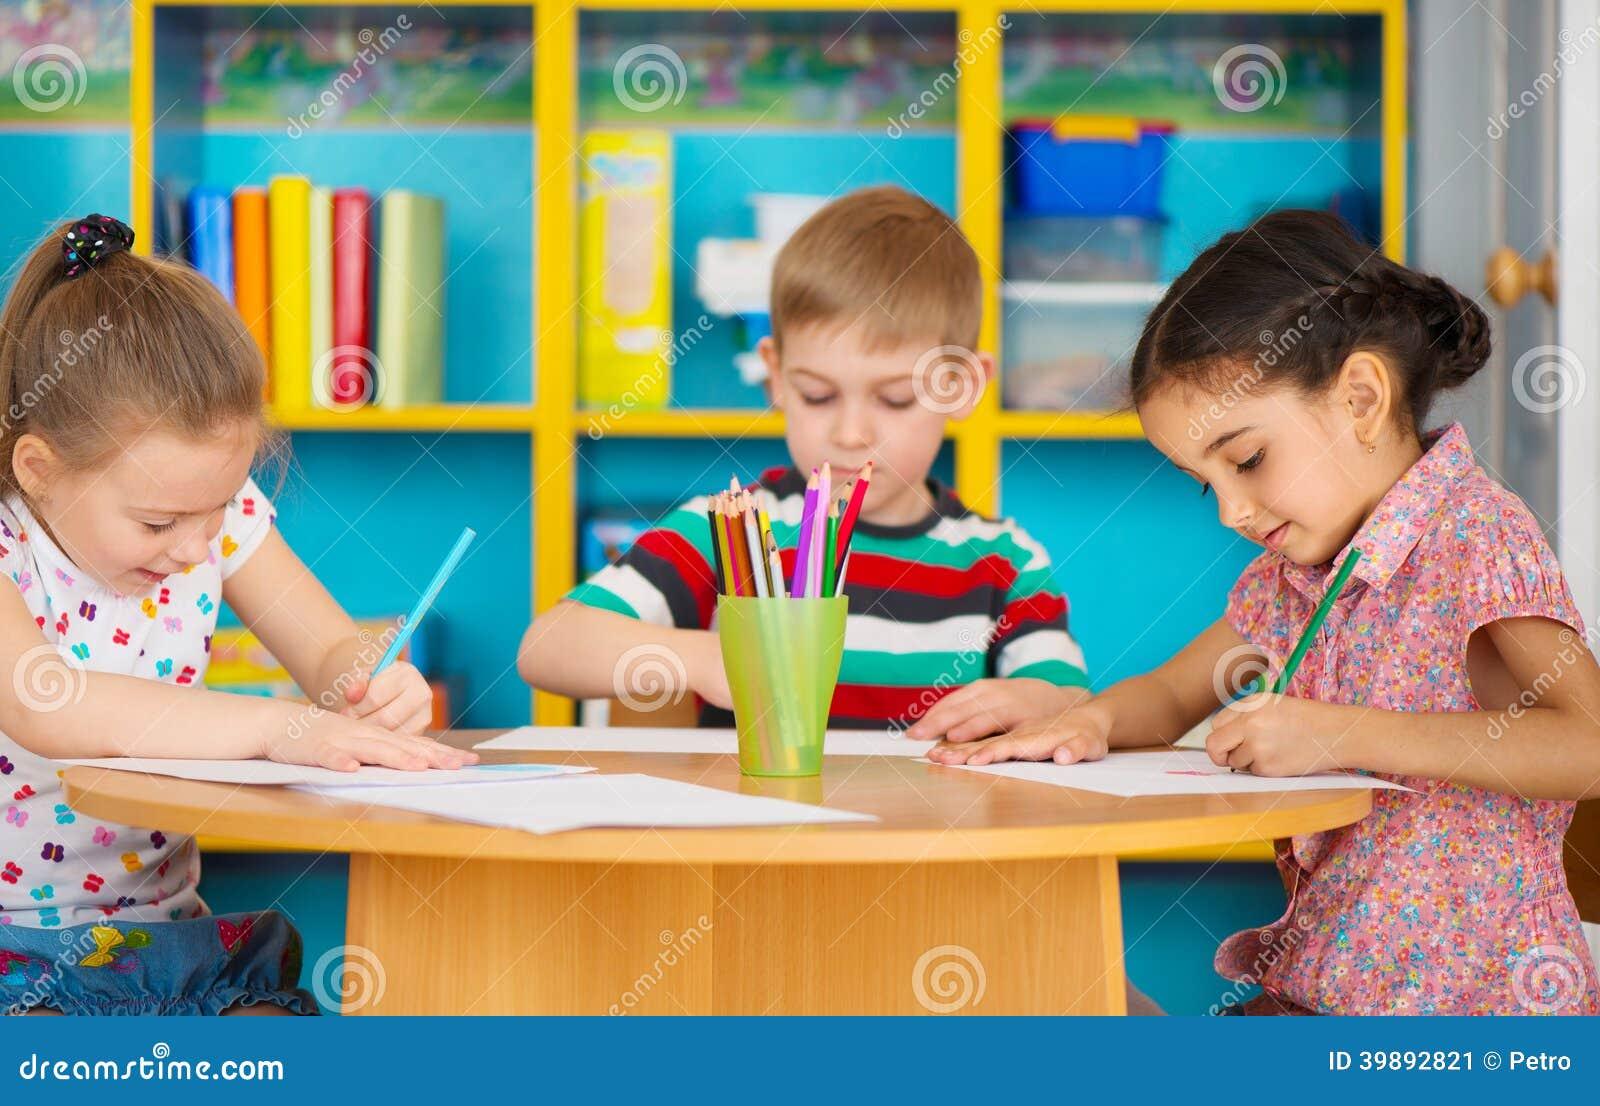 Tres niños preescolares que dibujan en la guardería